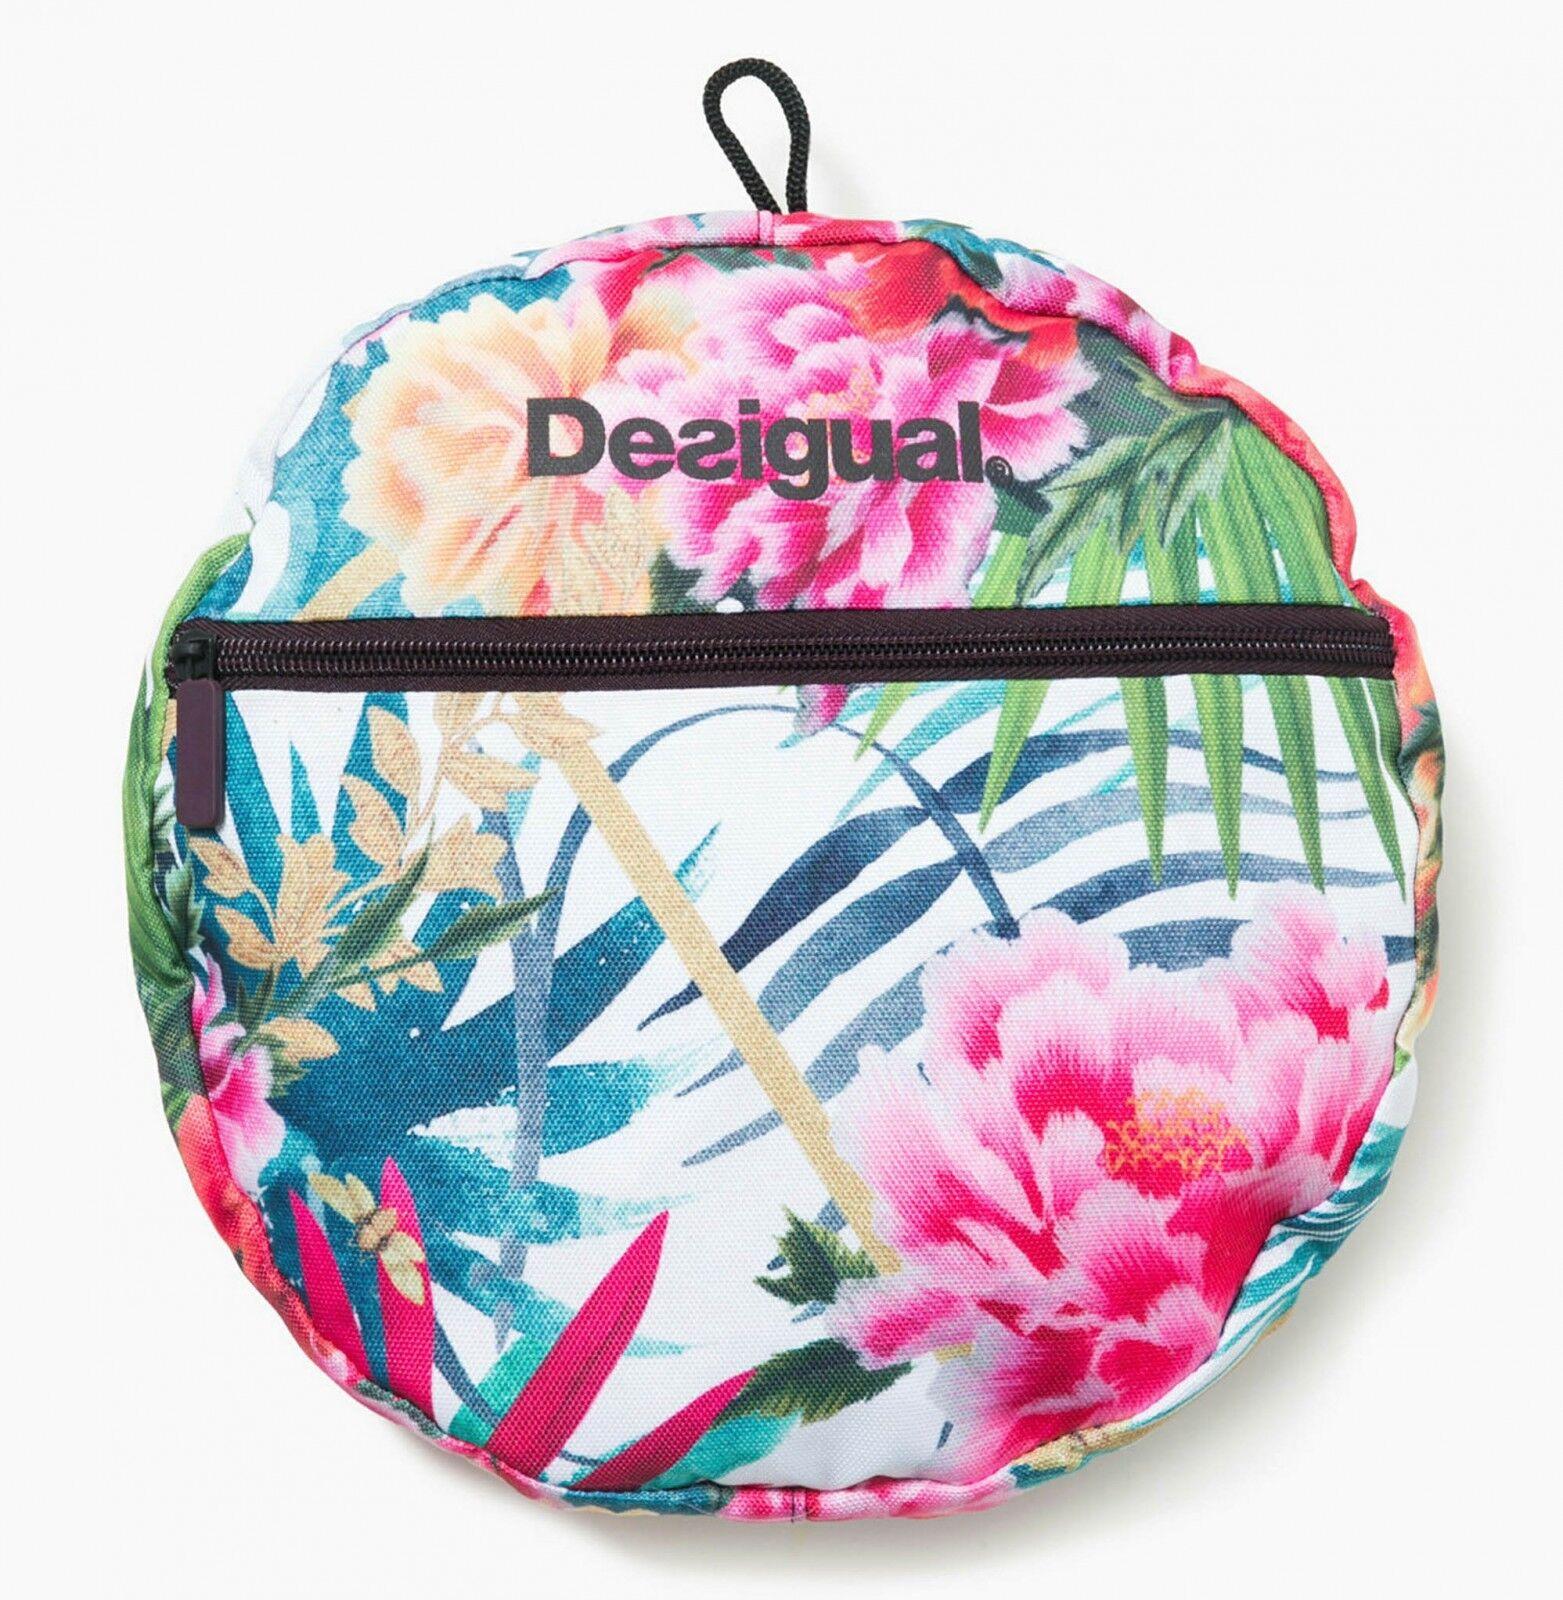 Desigual Desigual Desigual Tropic Tube Shoulder Bag Sporttasche Umhängetasche Schultertasche 185022